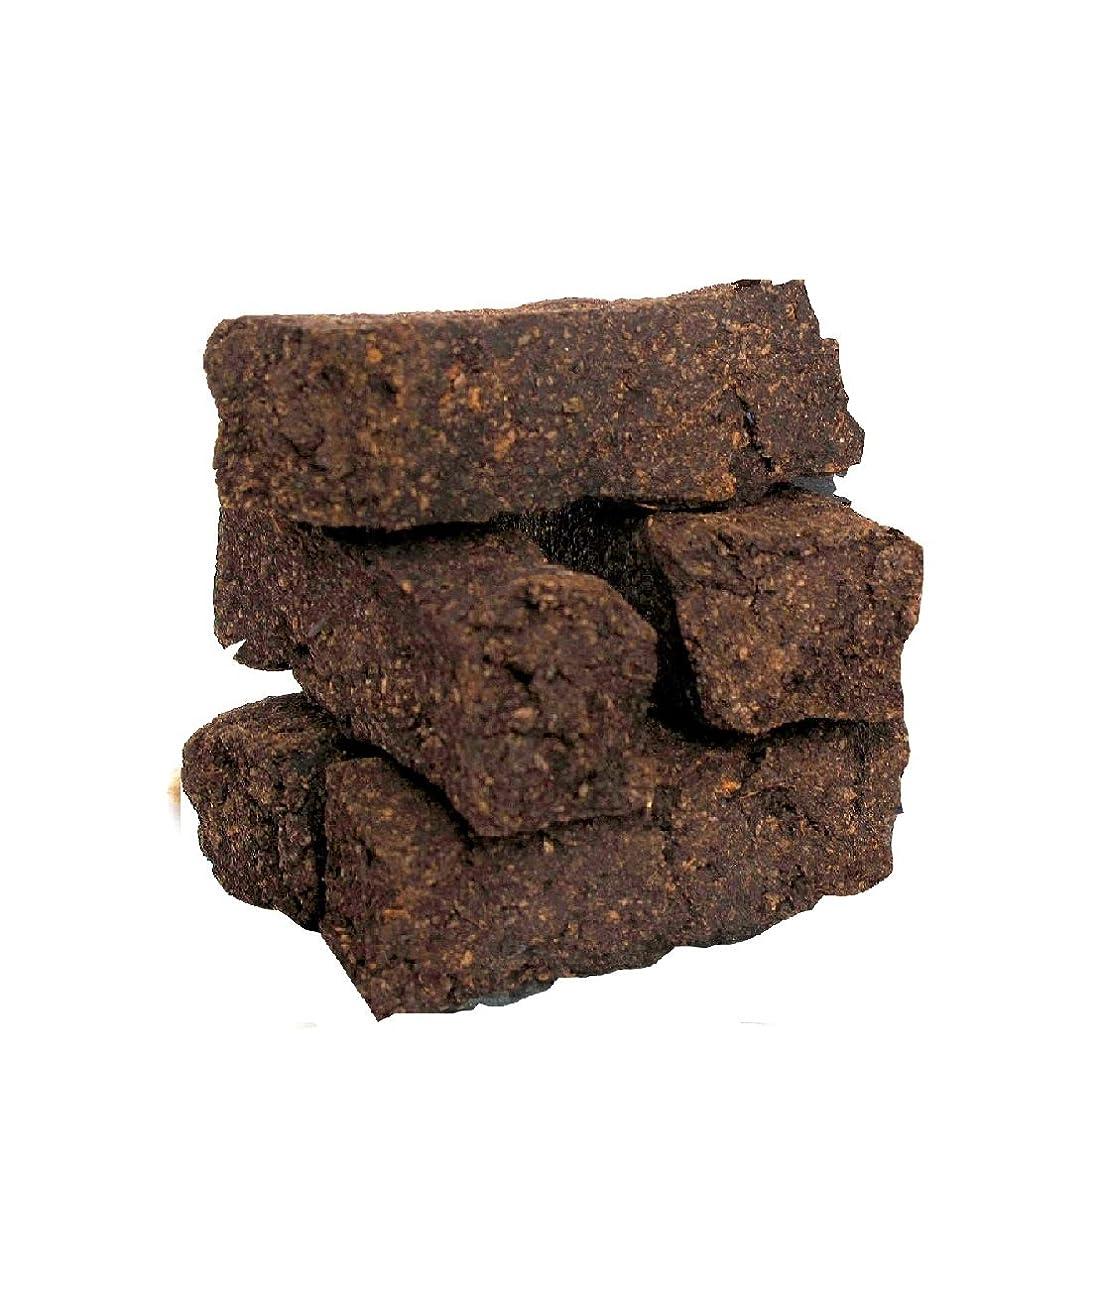 注文出費沈黙Irish Peat 5ブリケットバッグのアイルランドからTurf Bog Buddies